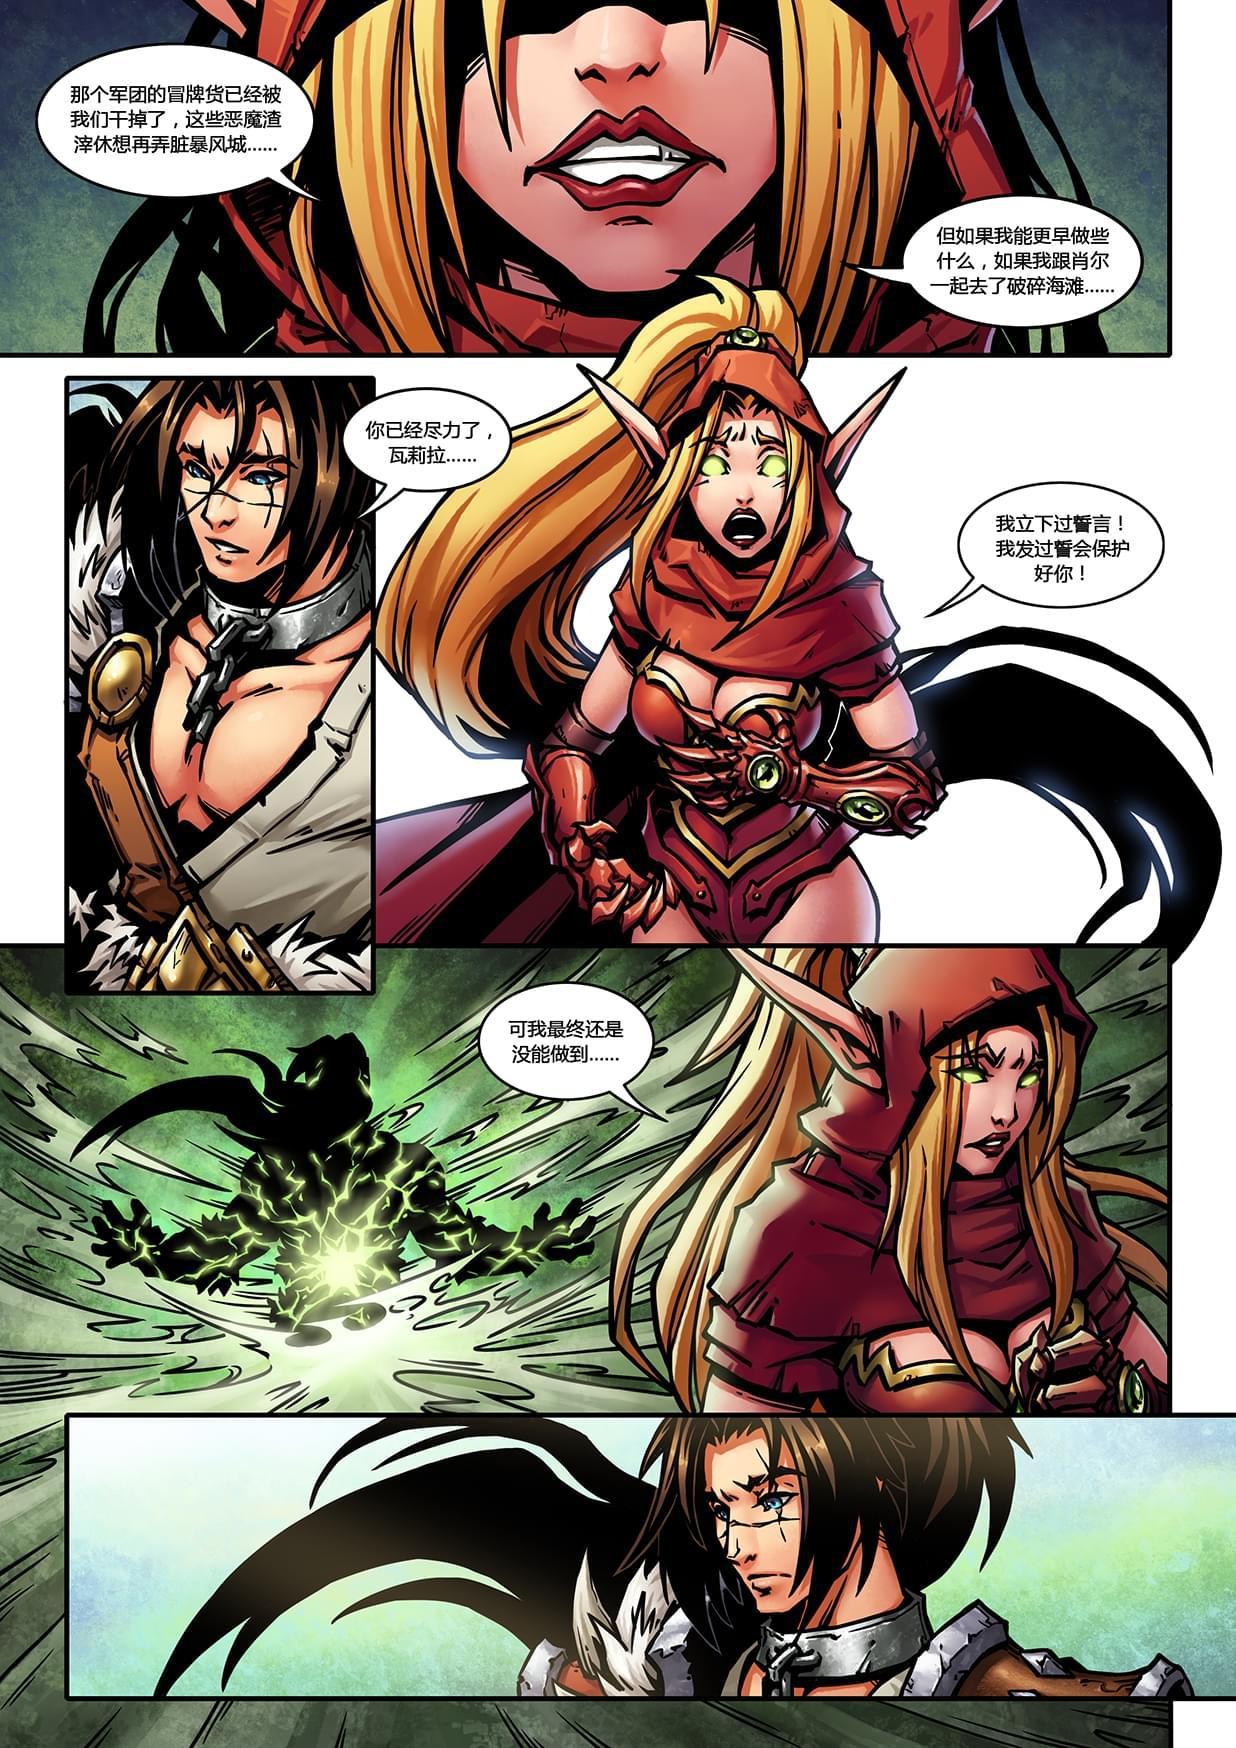 风暴英雄短篇漫画《REUNITED》瓦莉拉&瓦里安